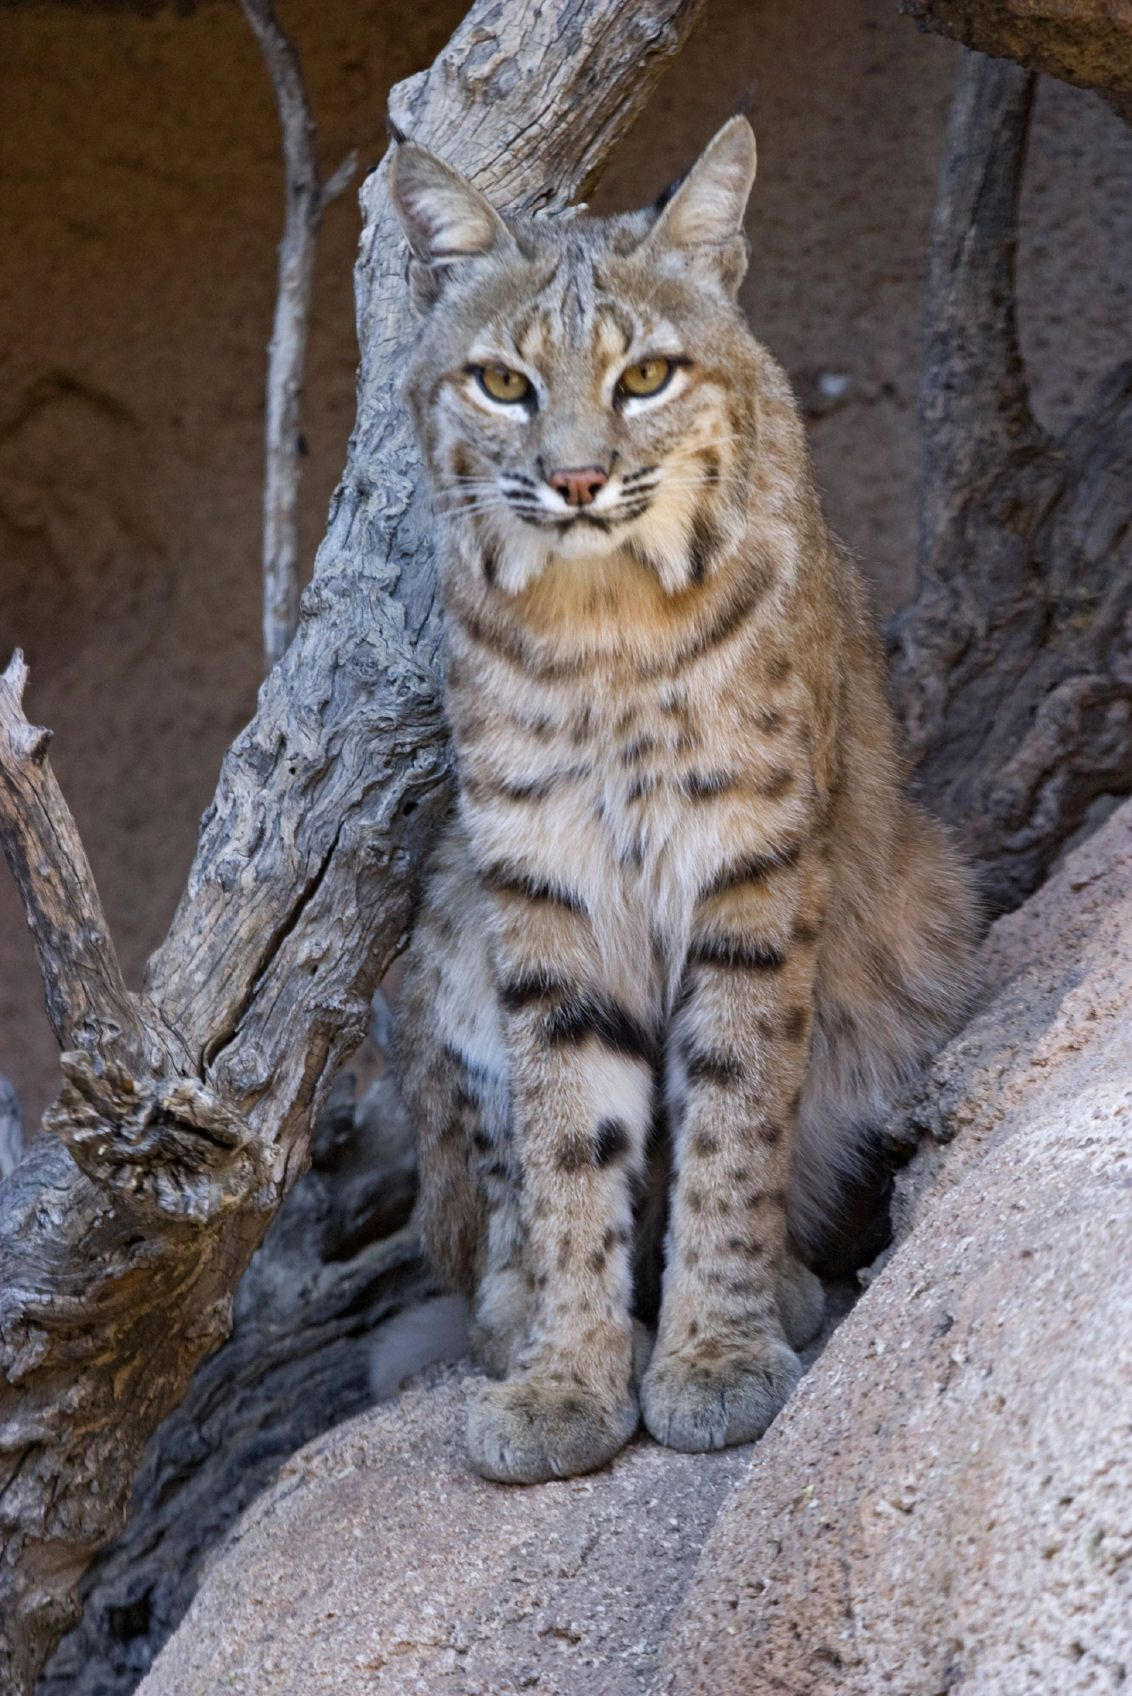 Big Cats Endangered Species Best zoos in america, Big